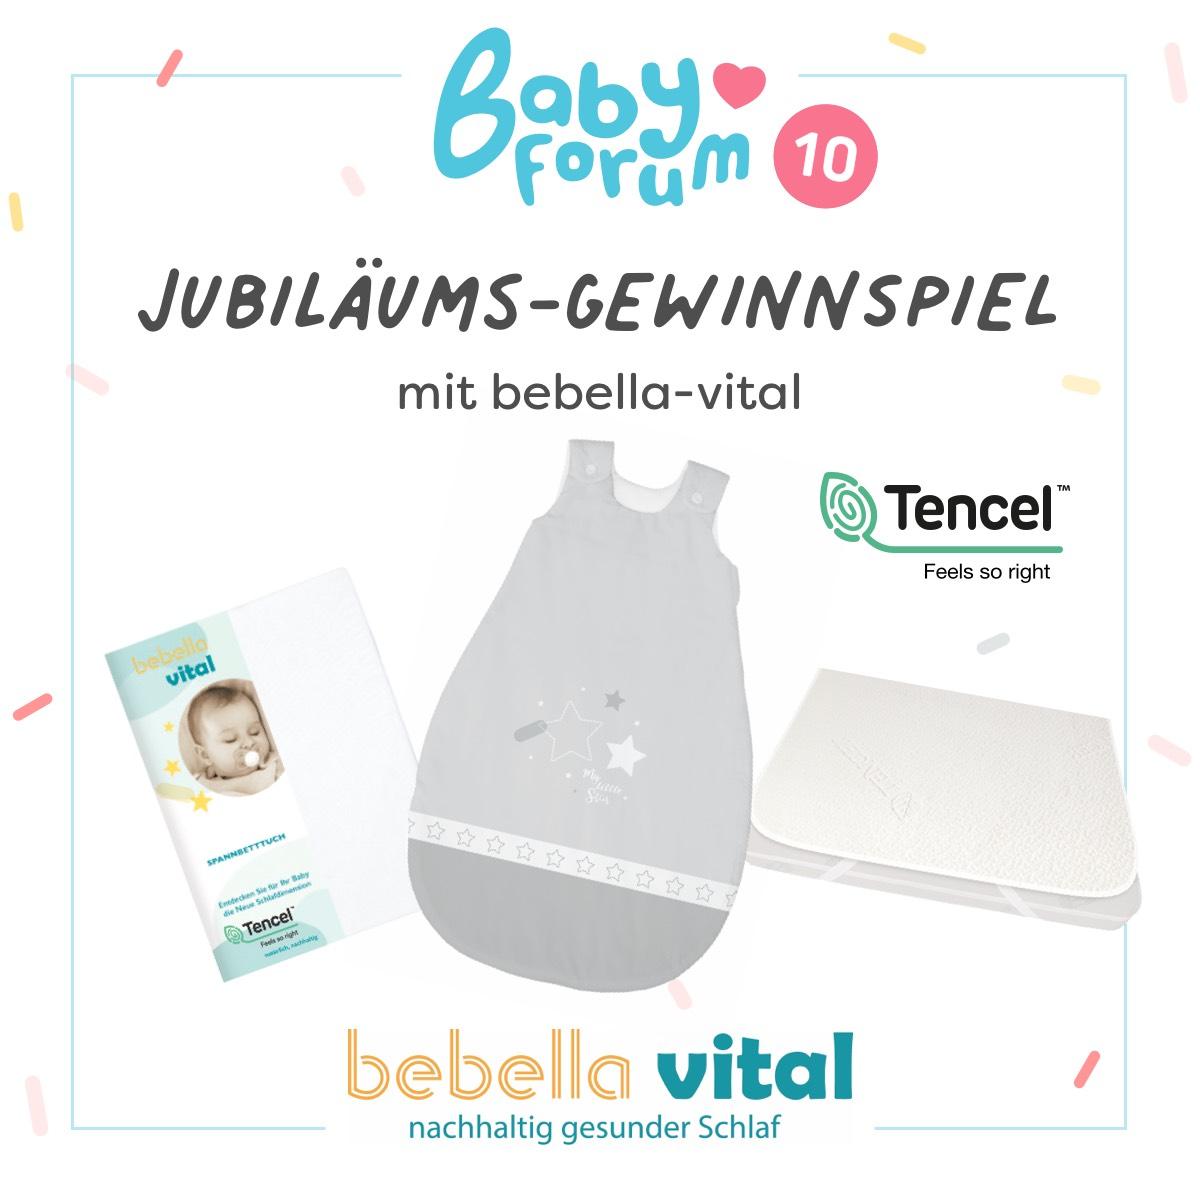 10JahreBBF-bebellaVital-Grafik.jpg